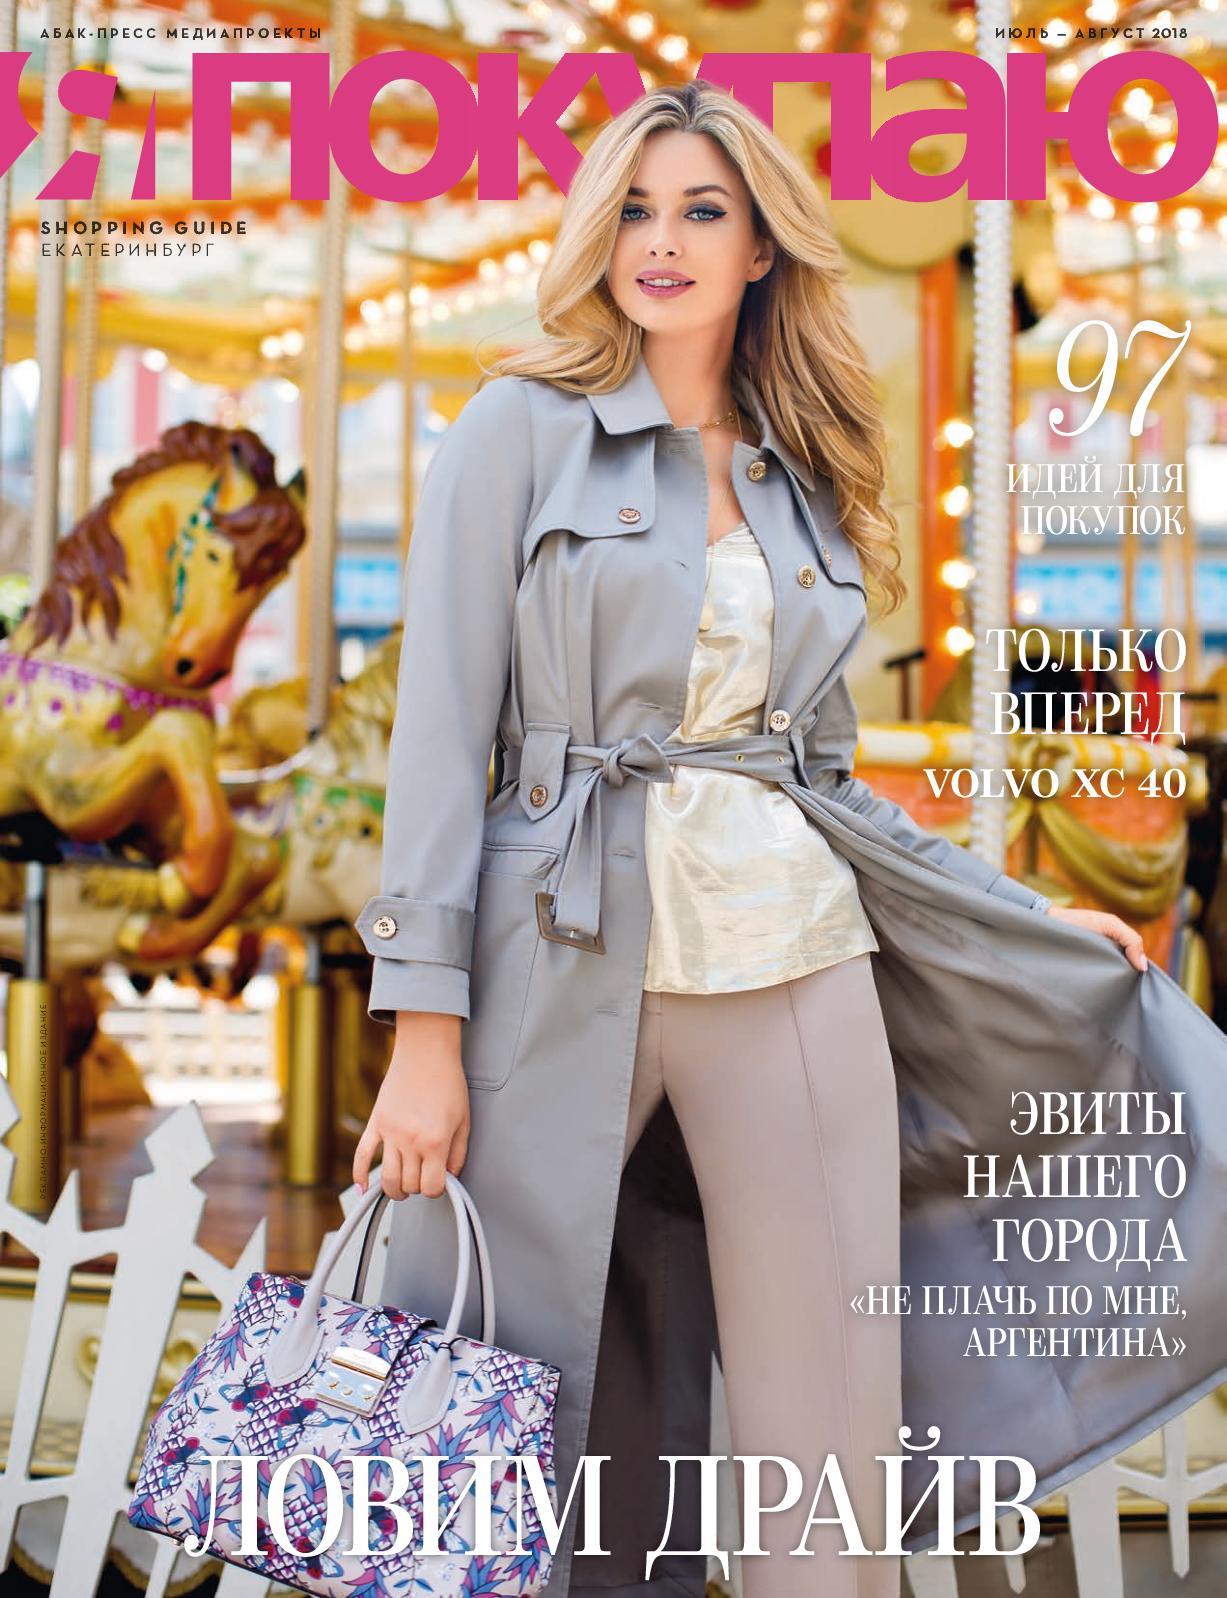 Электронная версия журнала «Я Покупаю. Екатеринбург» июль-август 2018